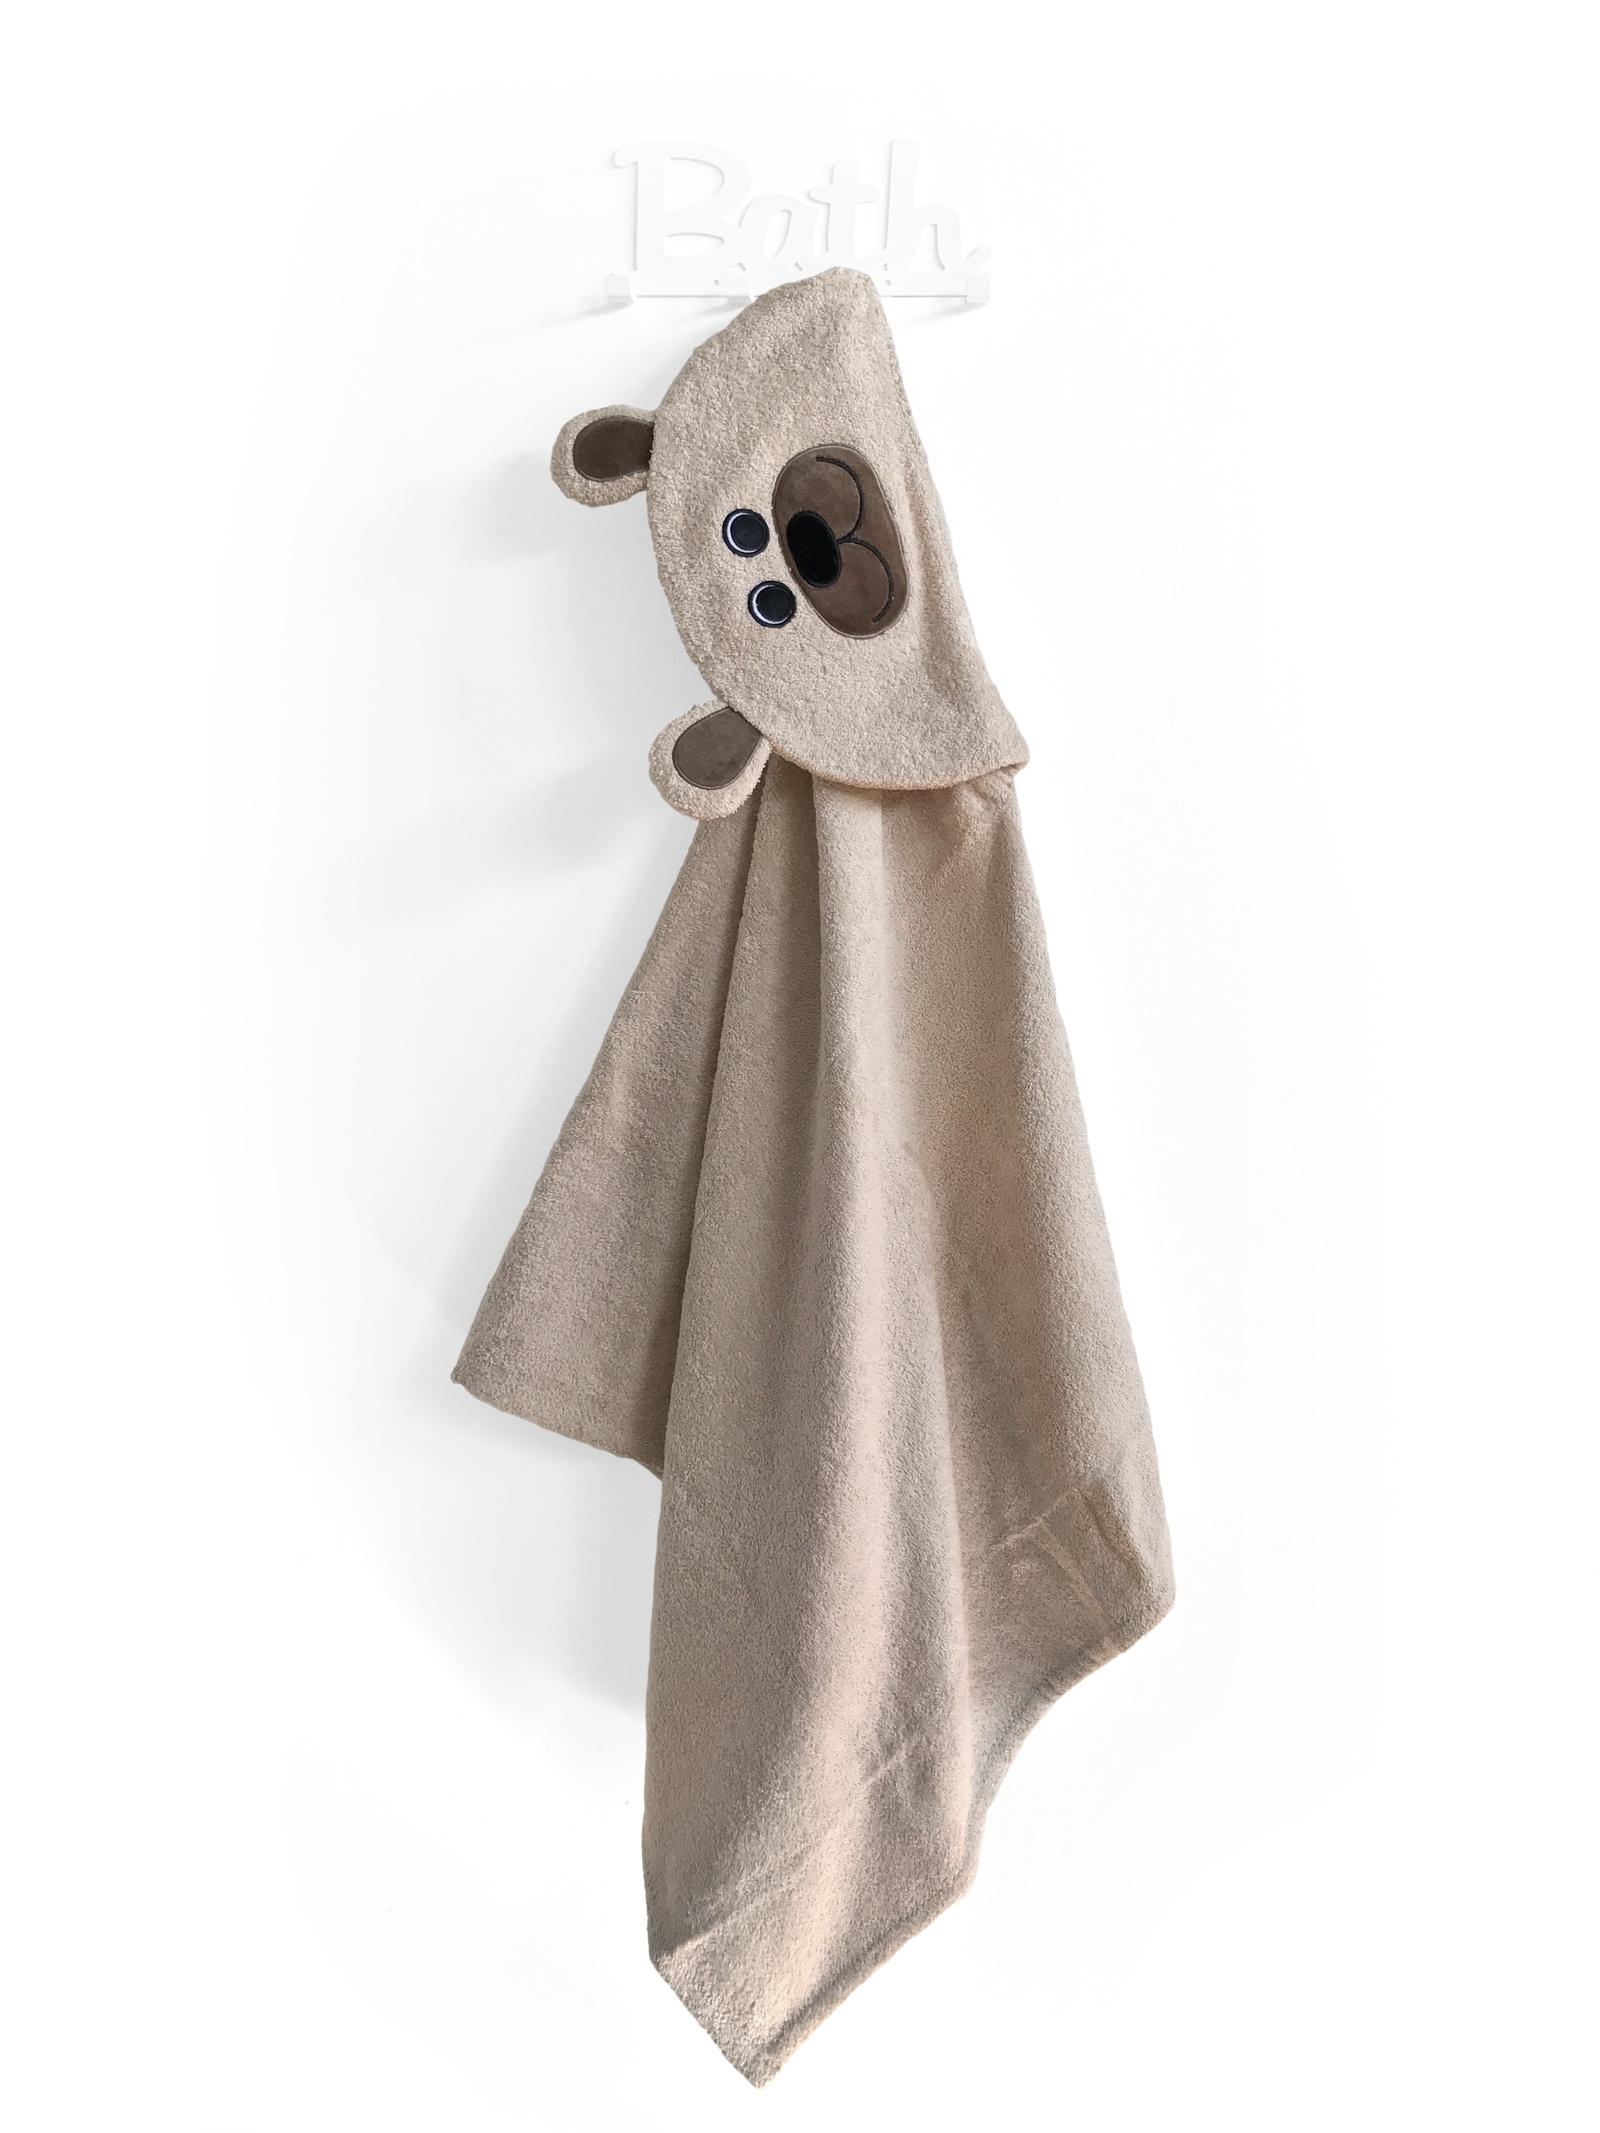 Полотенце детское Fluffy-Bunny с капюшоном Мишка Бежевый, бежевый imsevimse полотенце с капюшоном cова